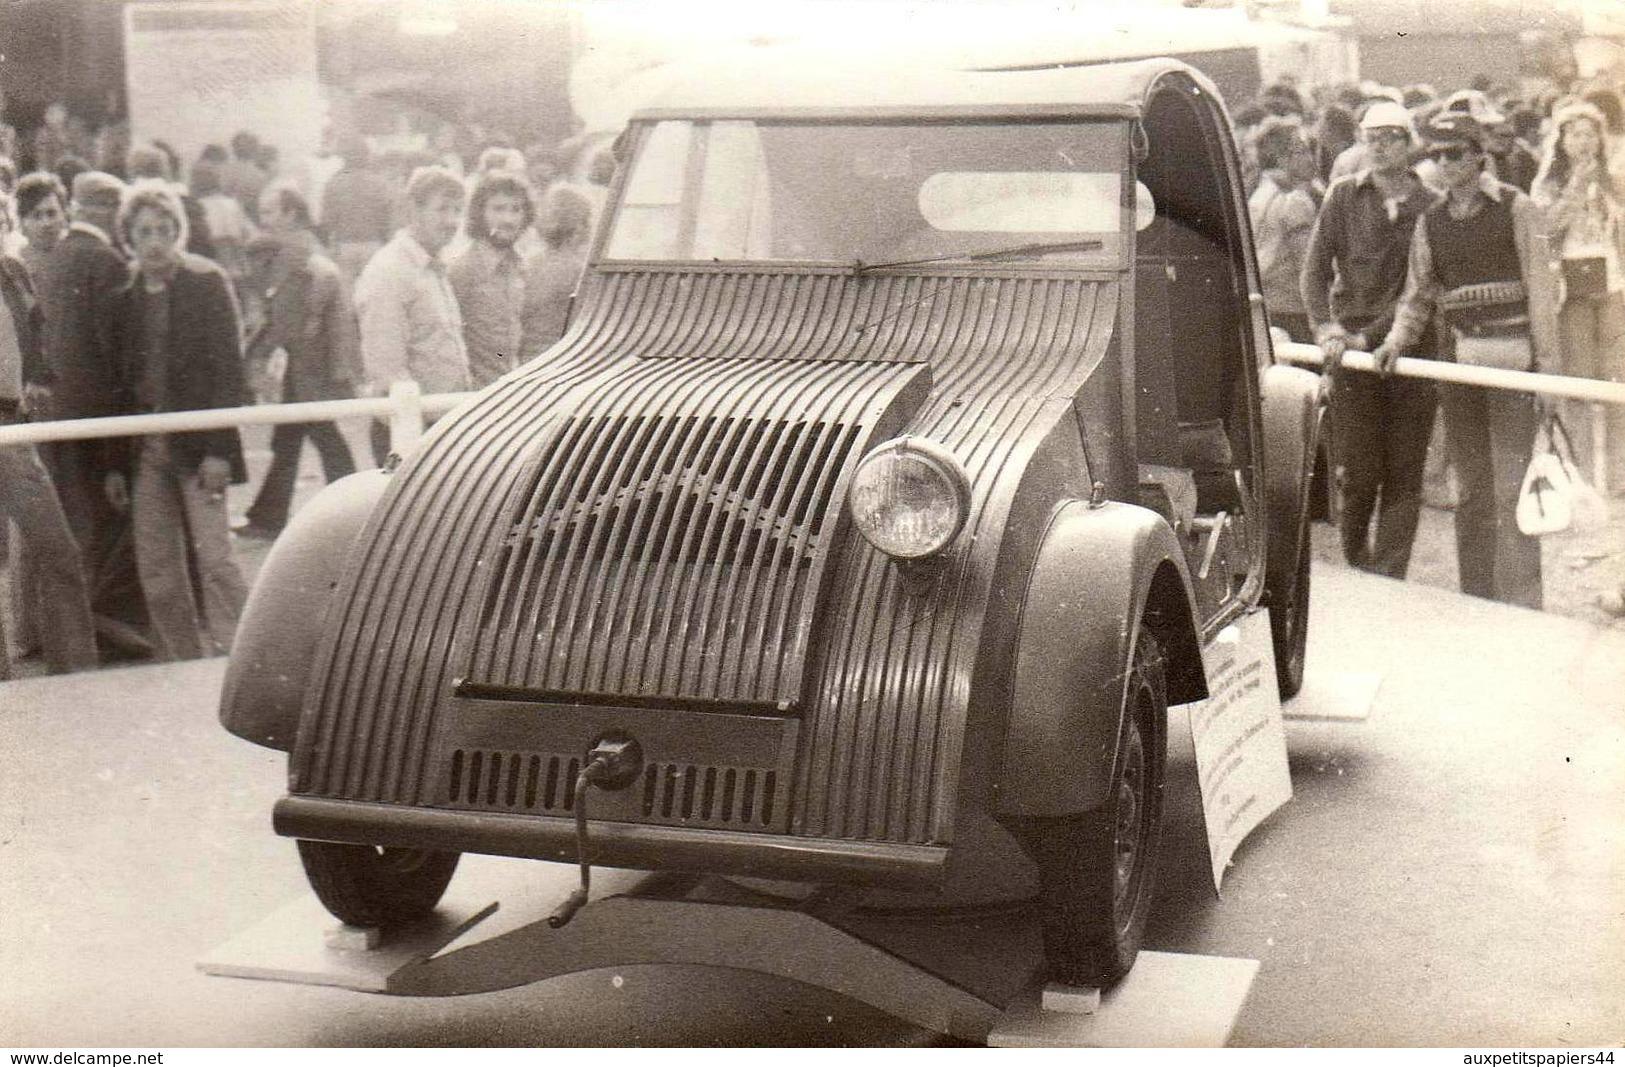 Photo Originale Circuit De Rouen-les-Essarts En 1973, Citroën 2 CV : Le Prototype 1939 Exposé - Cars